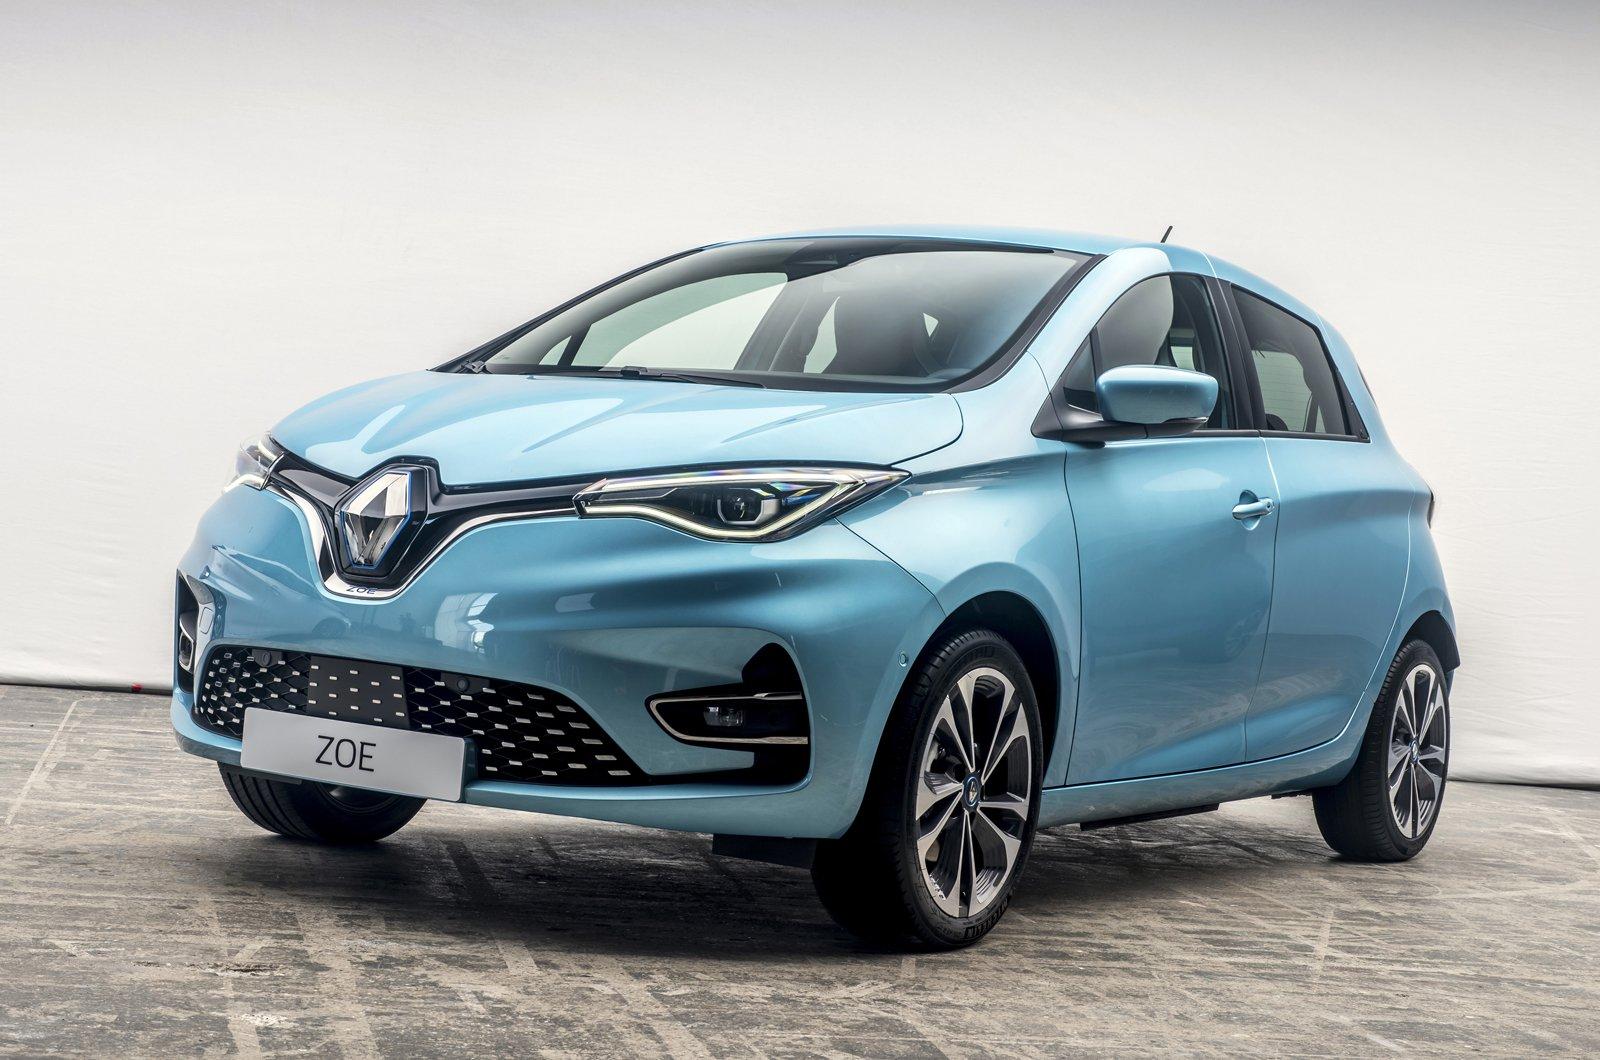 2020 Renault Zoe front